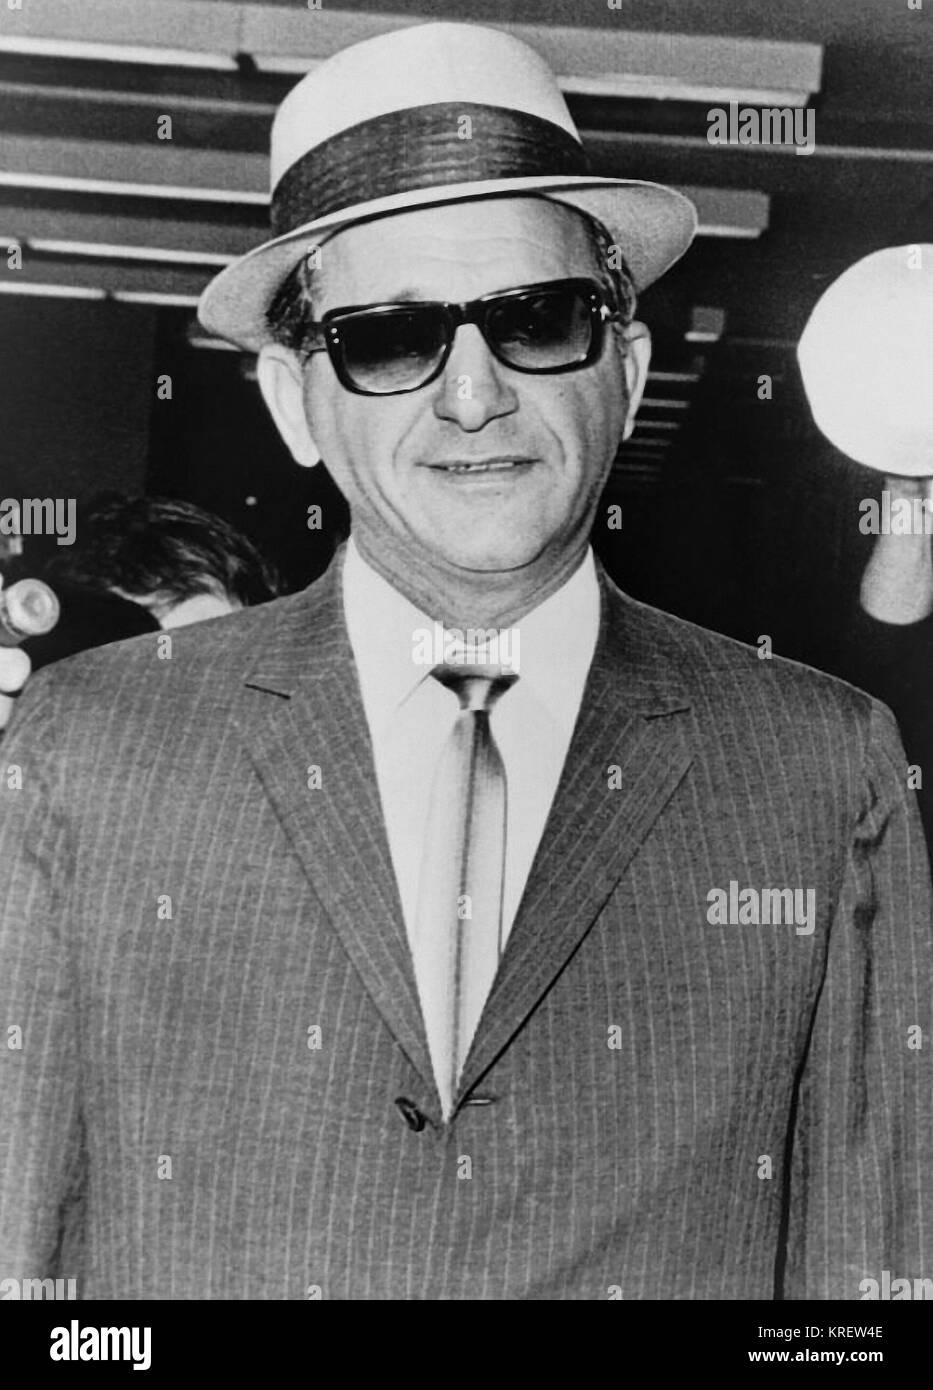 Salvatore 'Mooney Sam' Giancana - Stock Image